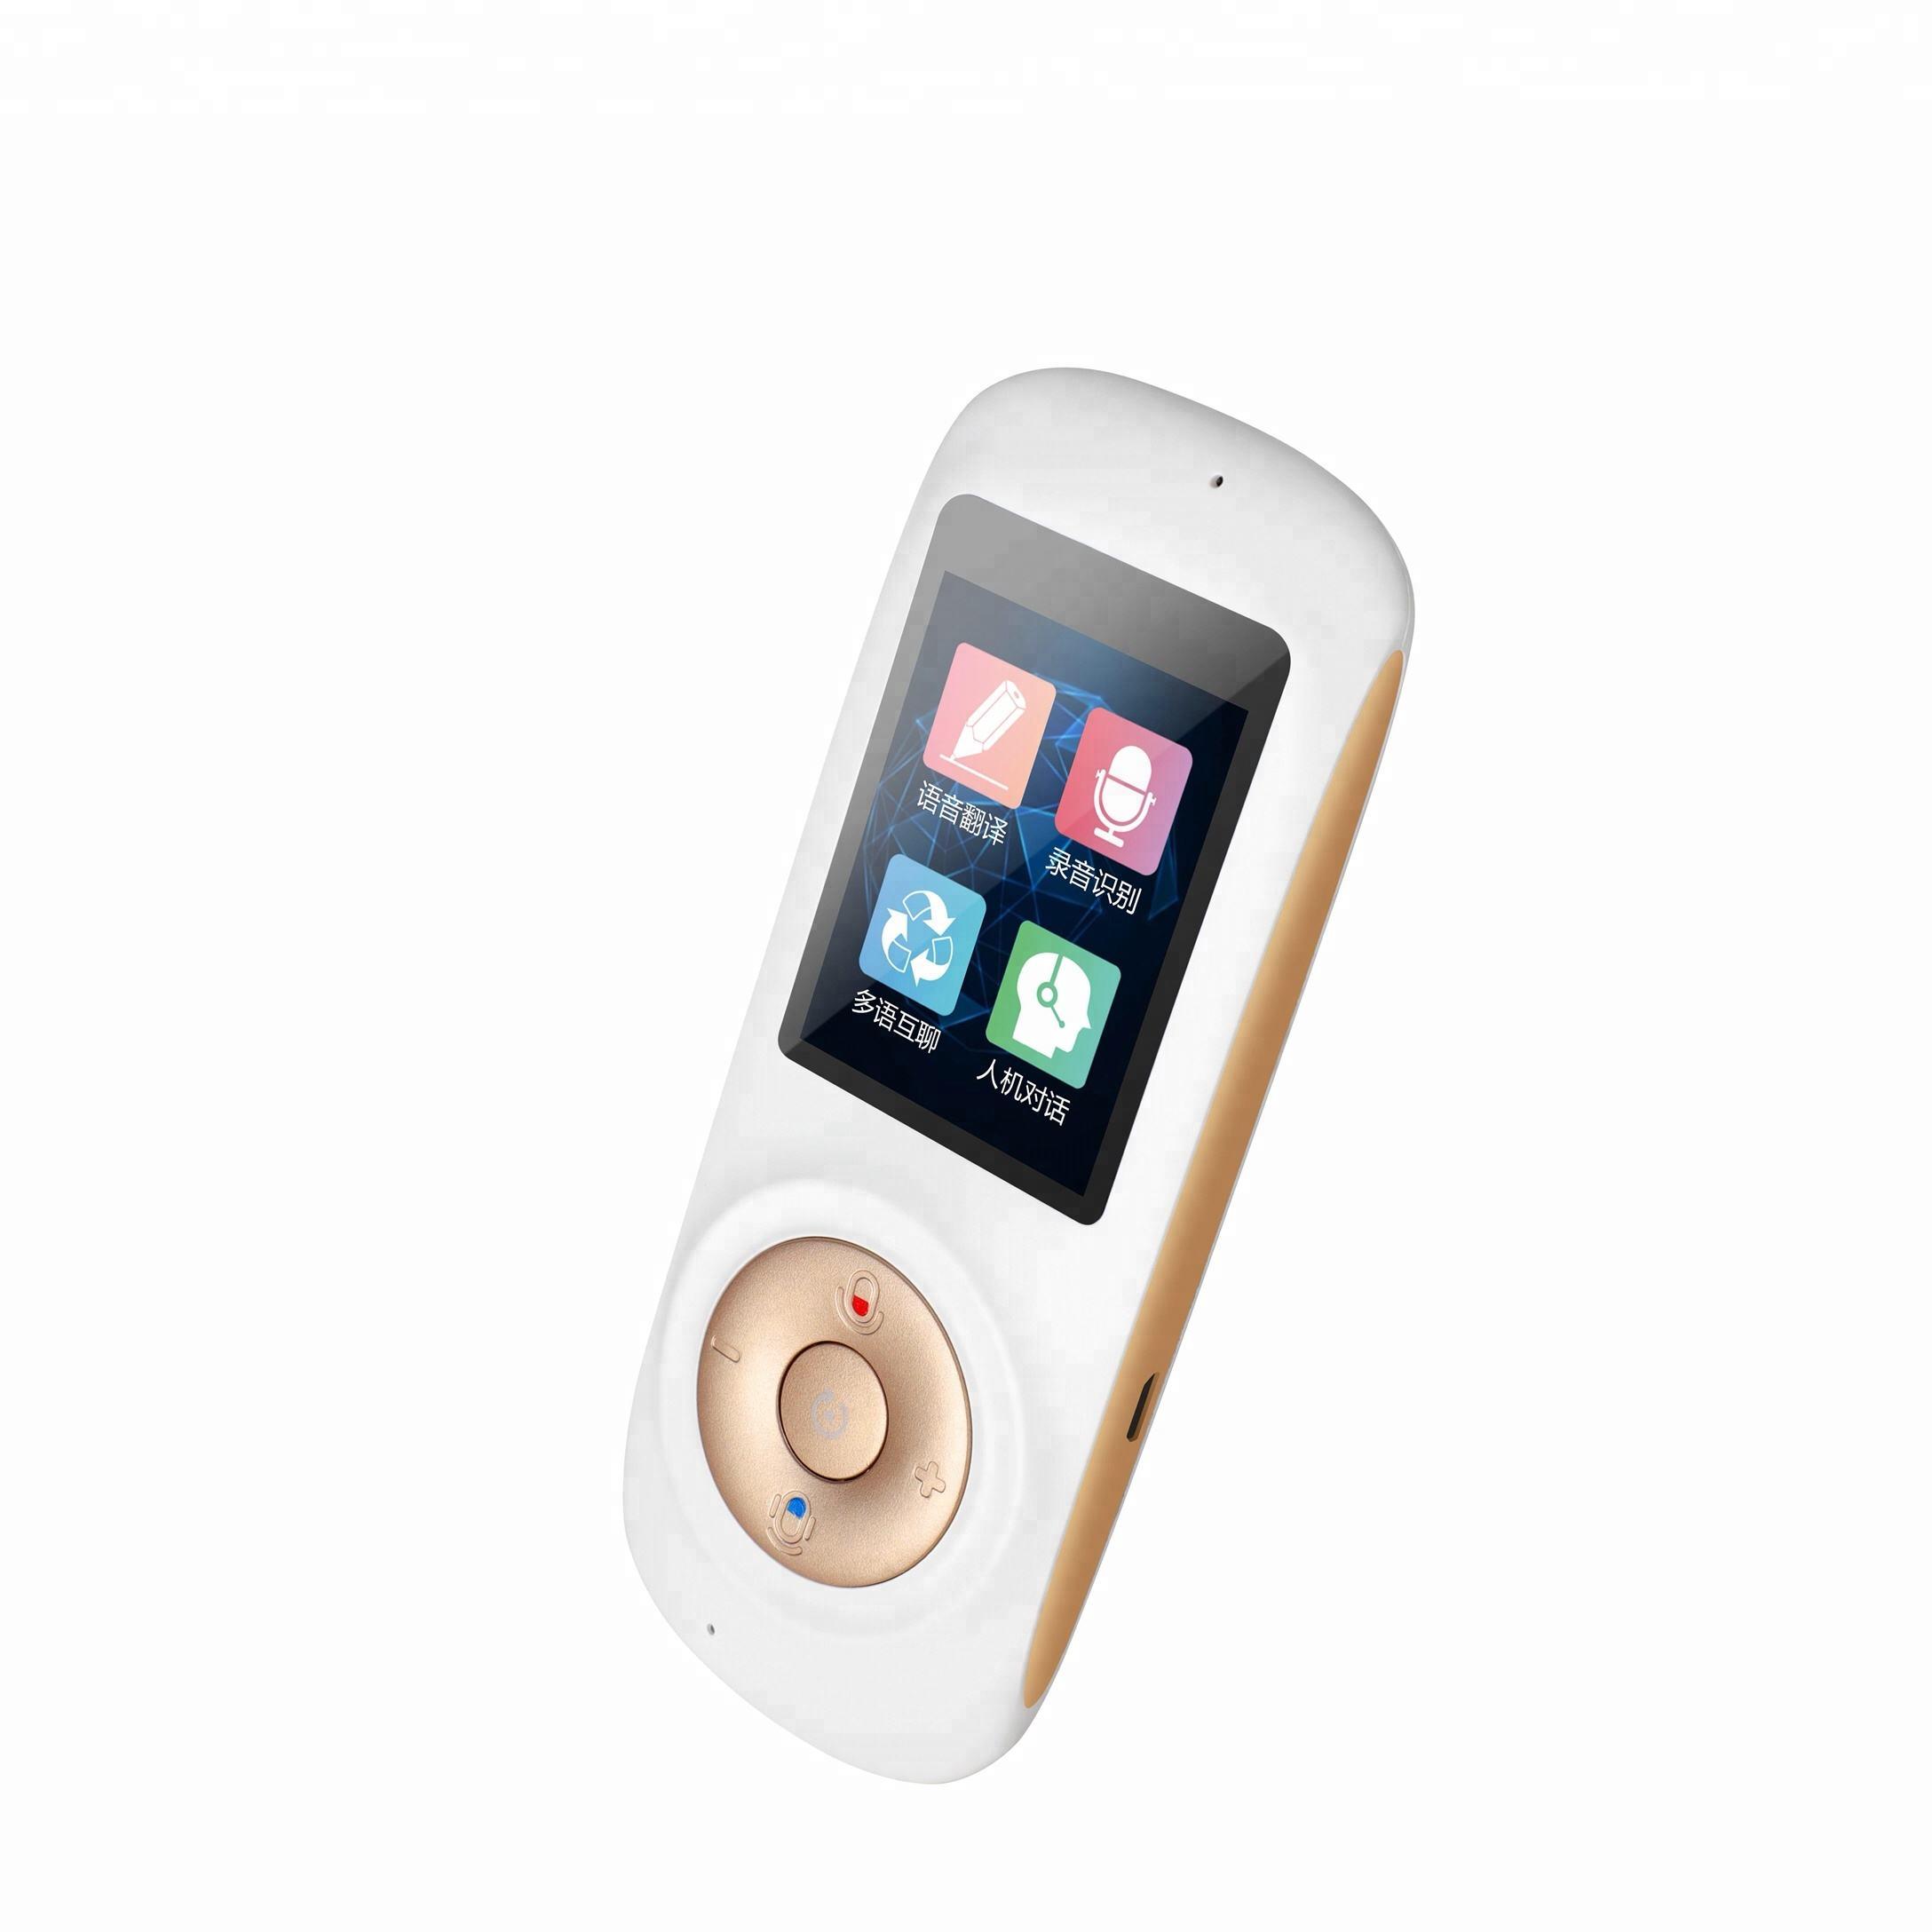 Portable Smart Voice Traducteur Bidirectionnelle En Temps Réel Multi-Langue de Traduction Pour L'apprentissage Voyager